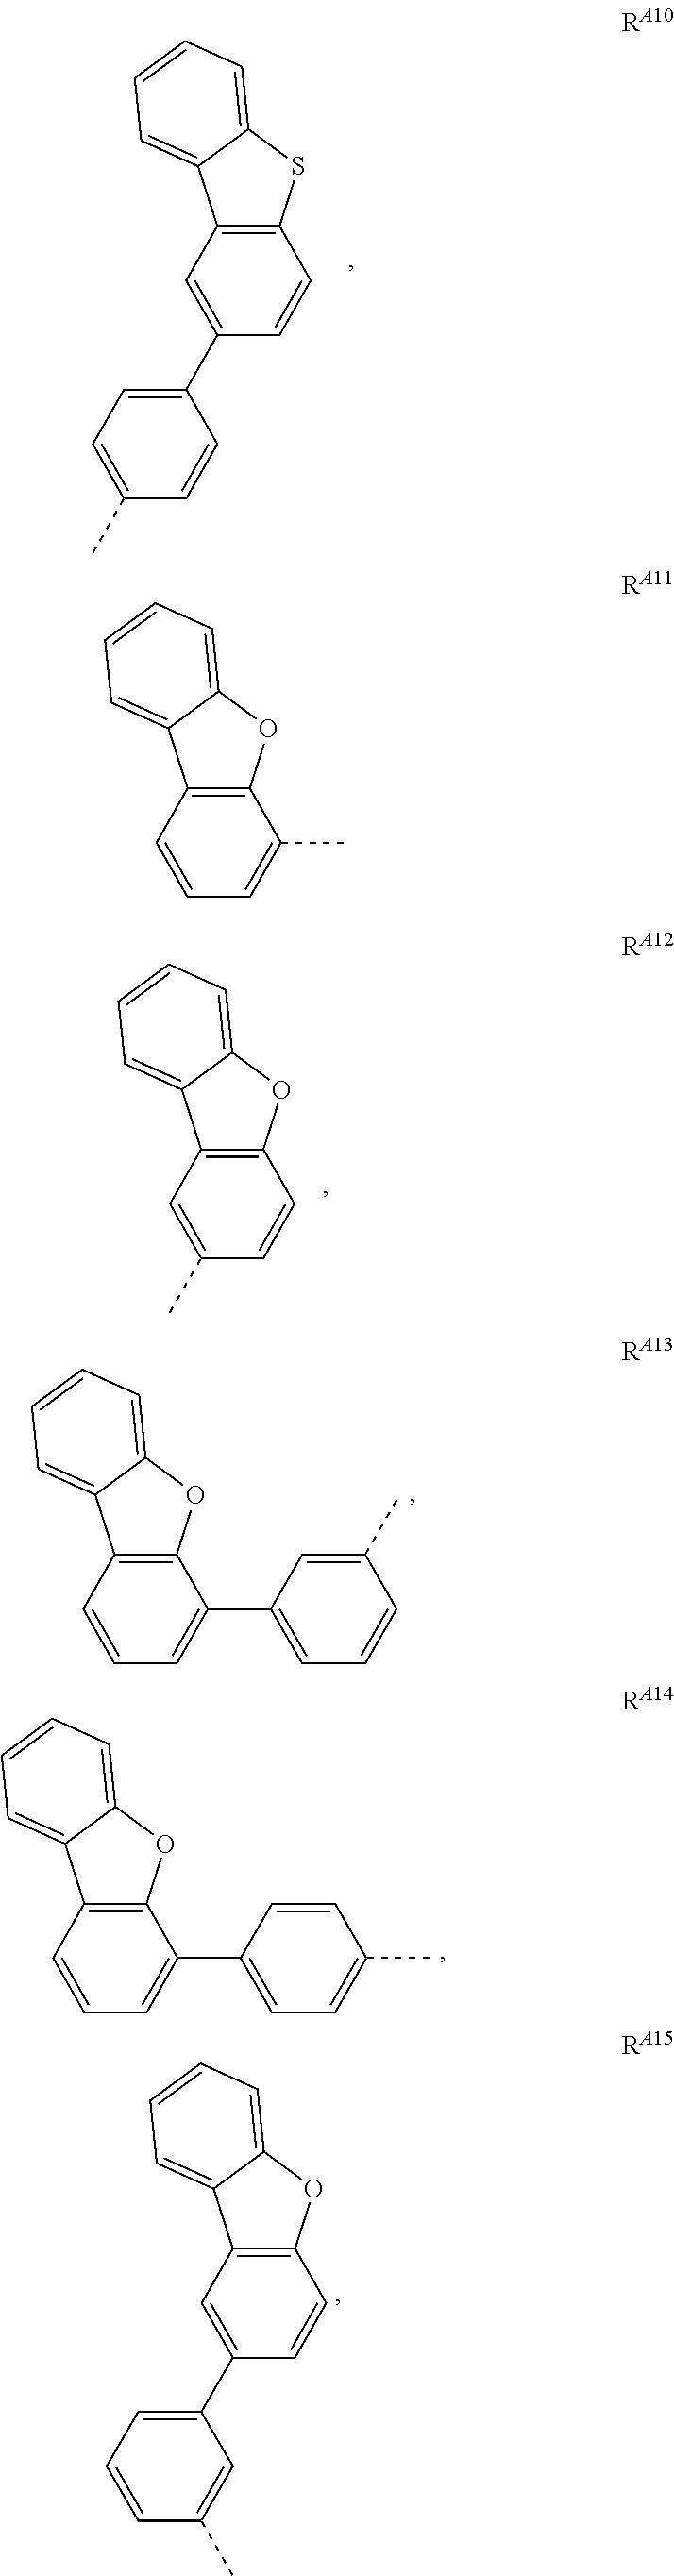 Figure US09761814-20170912-C00264